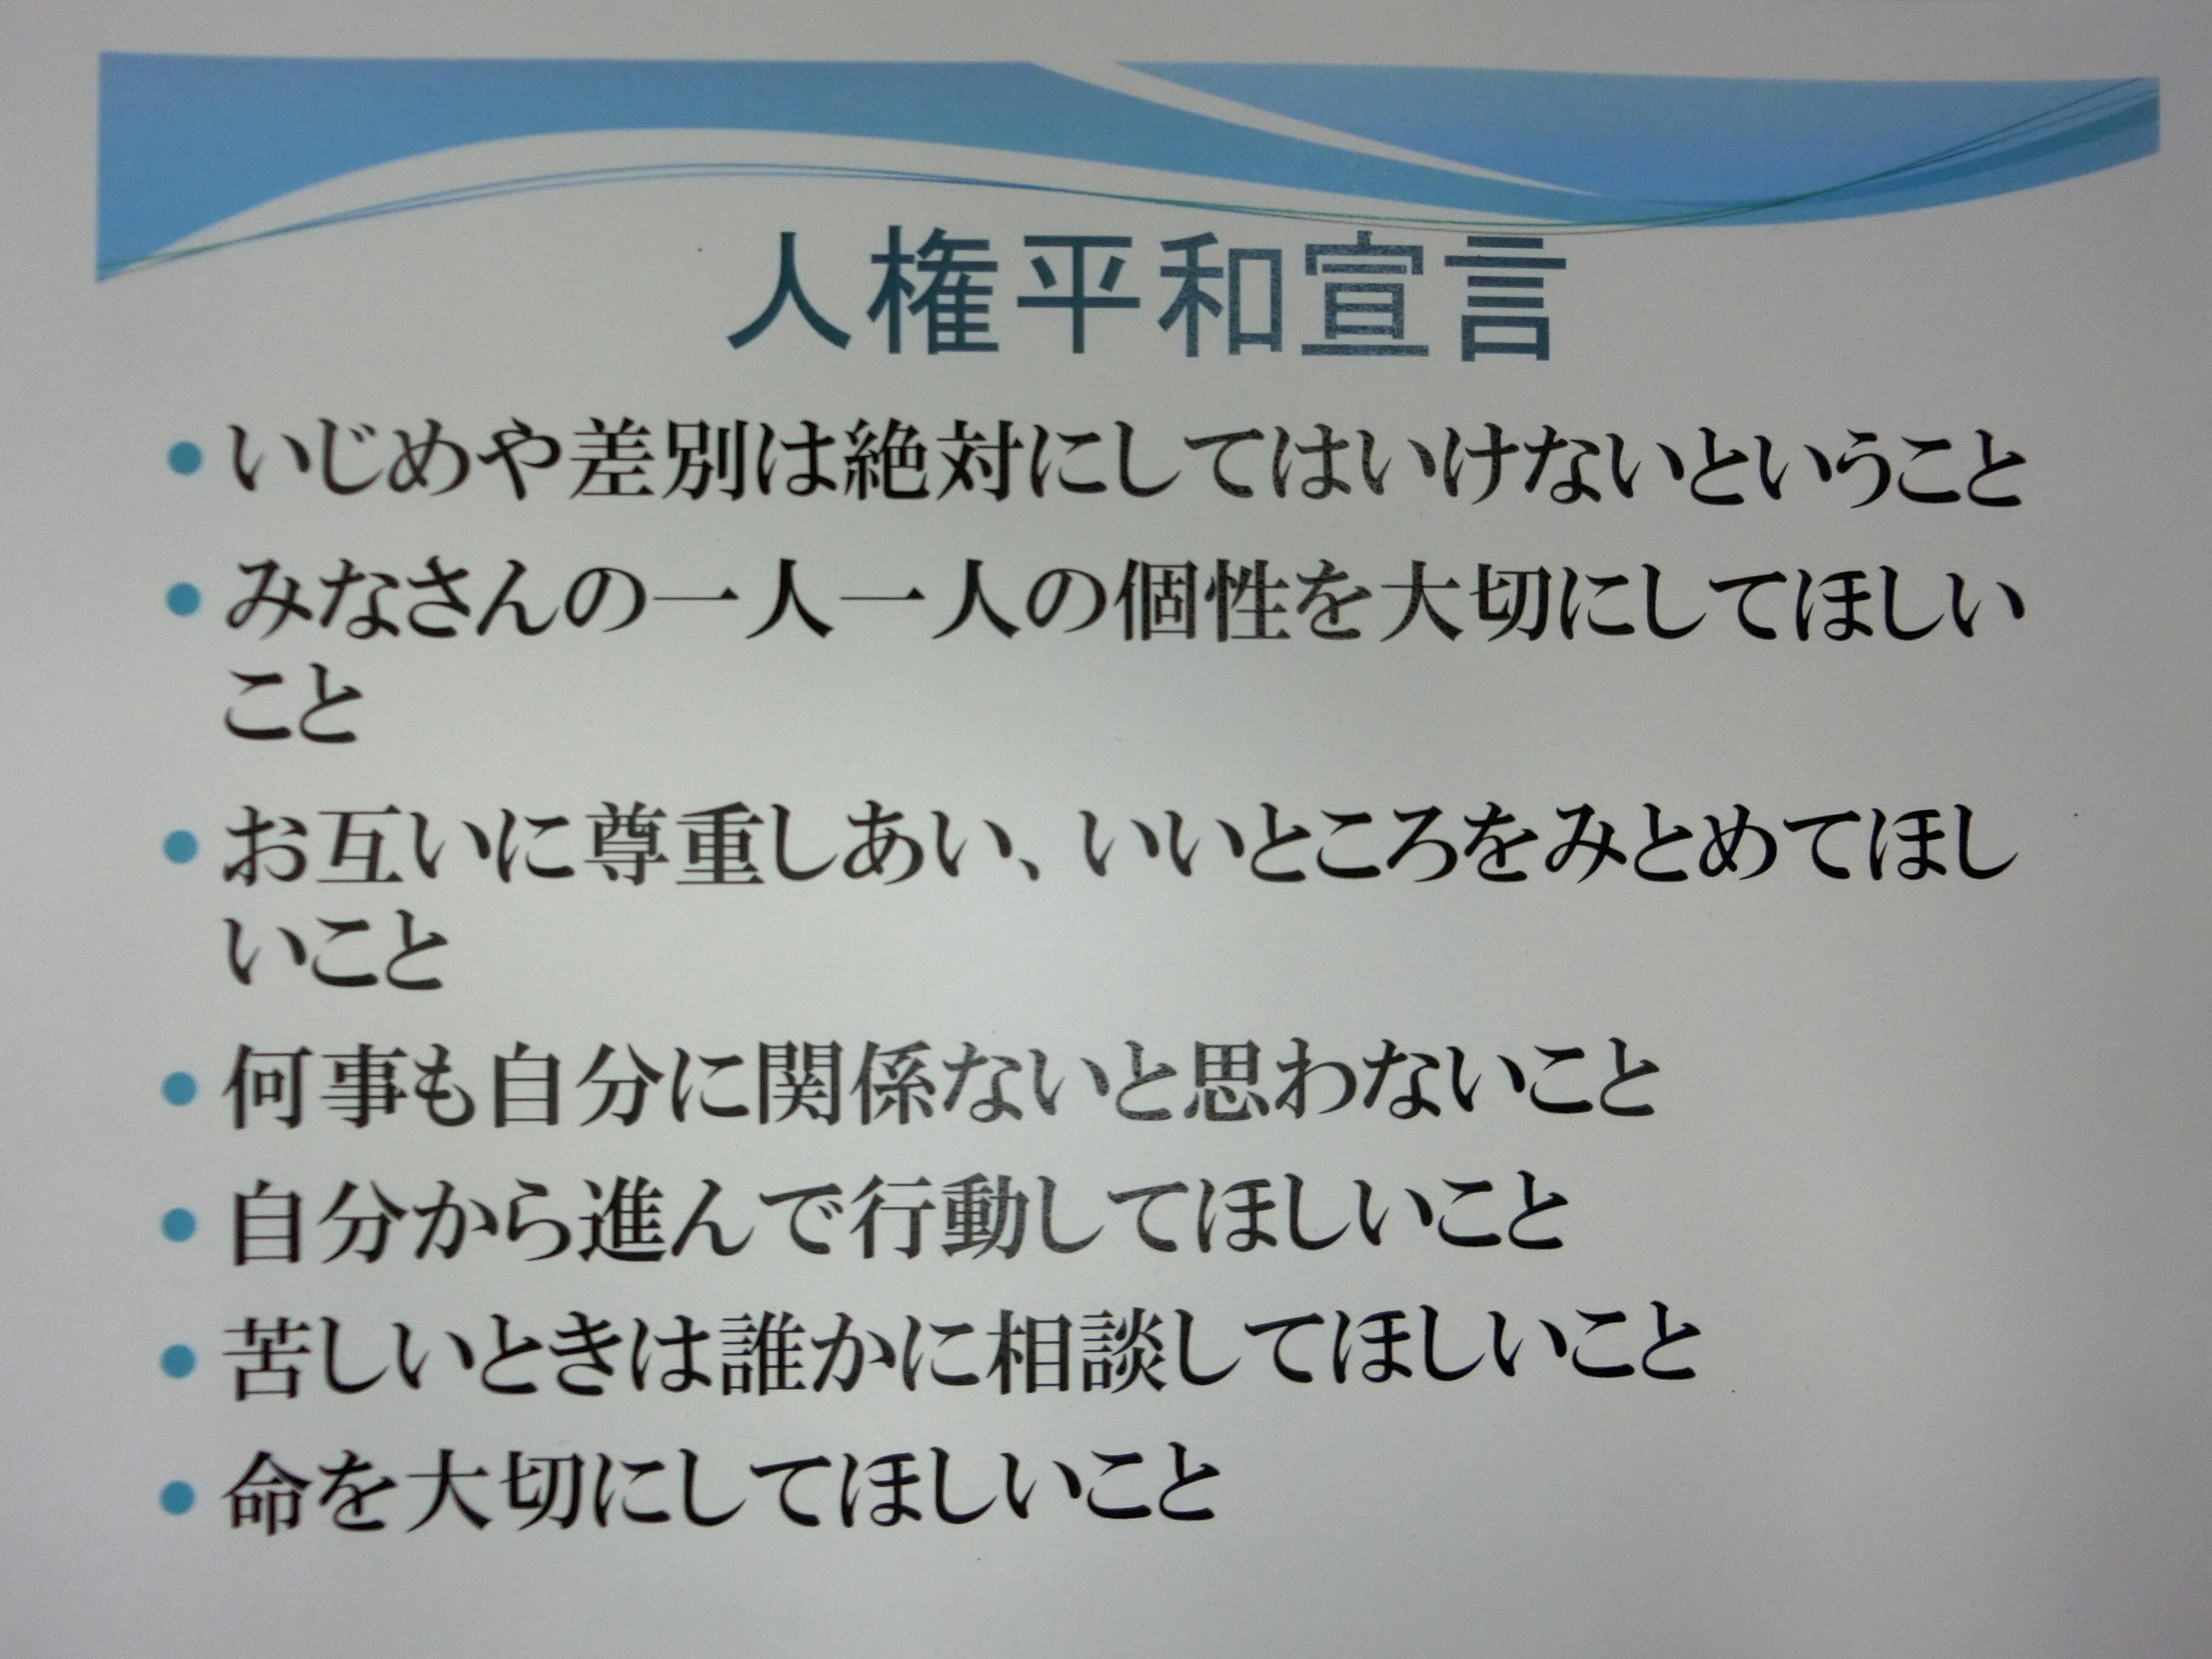 web10_huzoku_momotyuR2_6.JPG